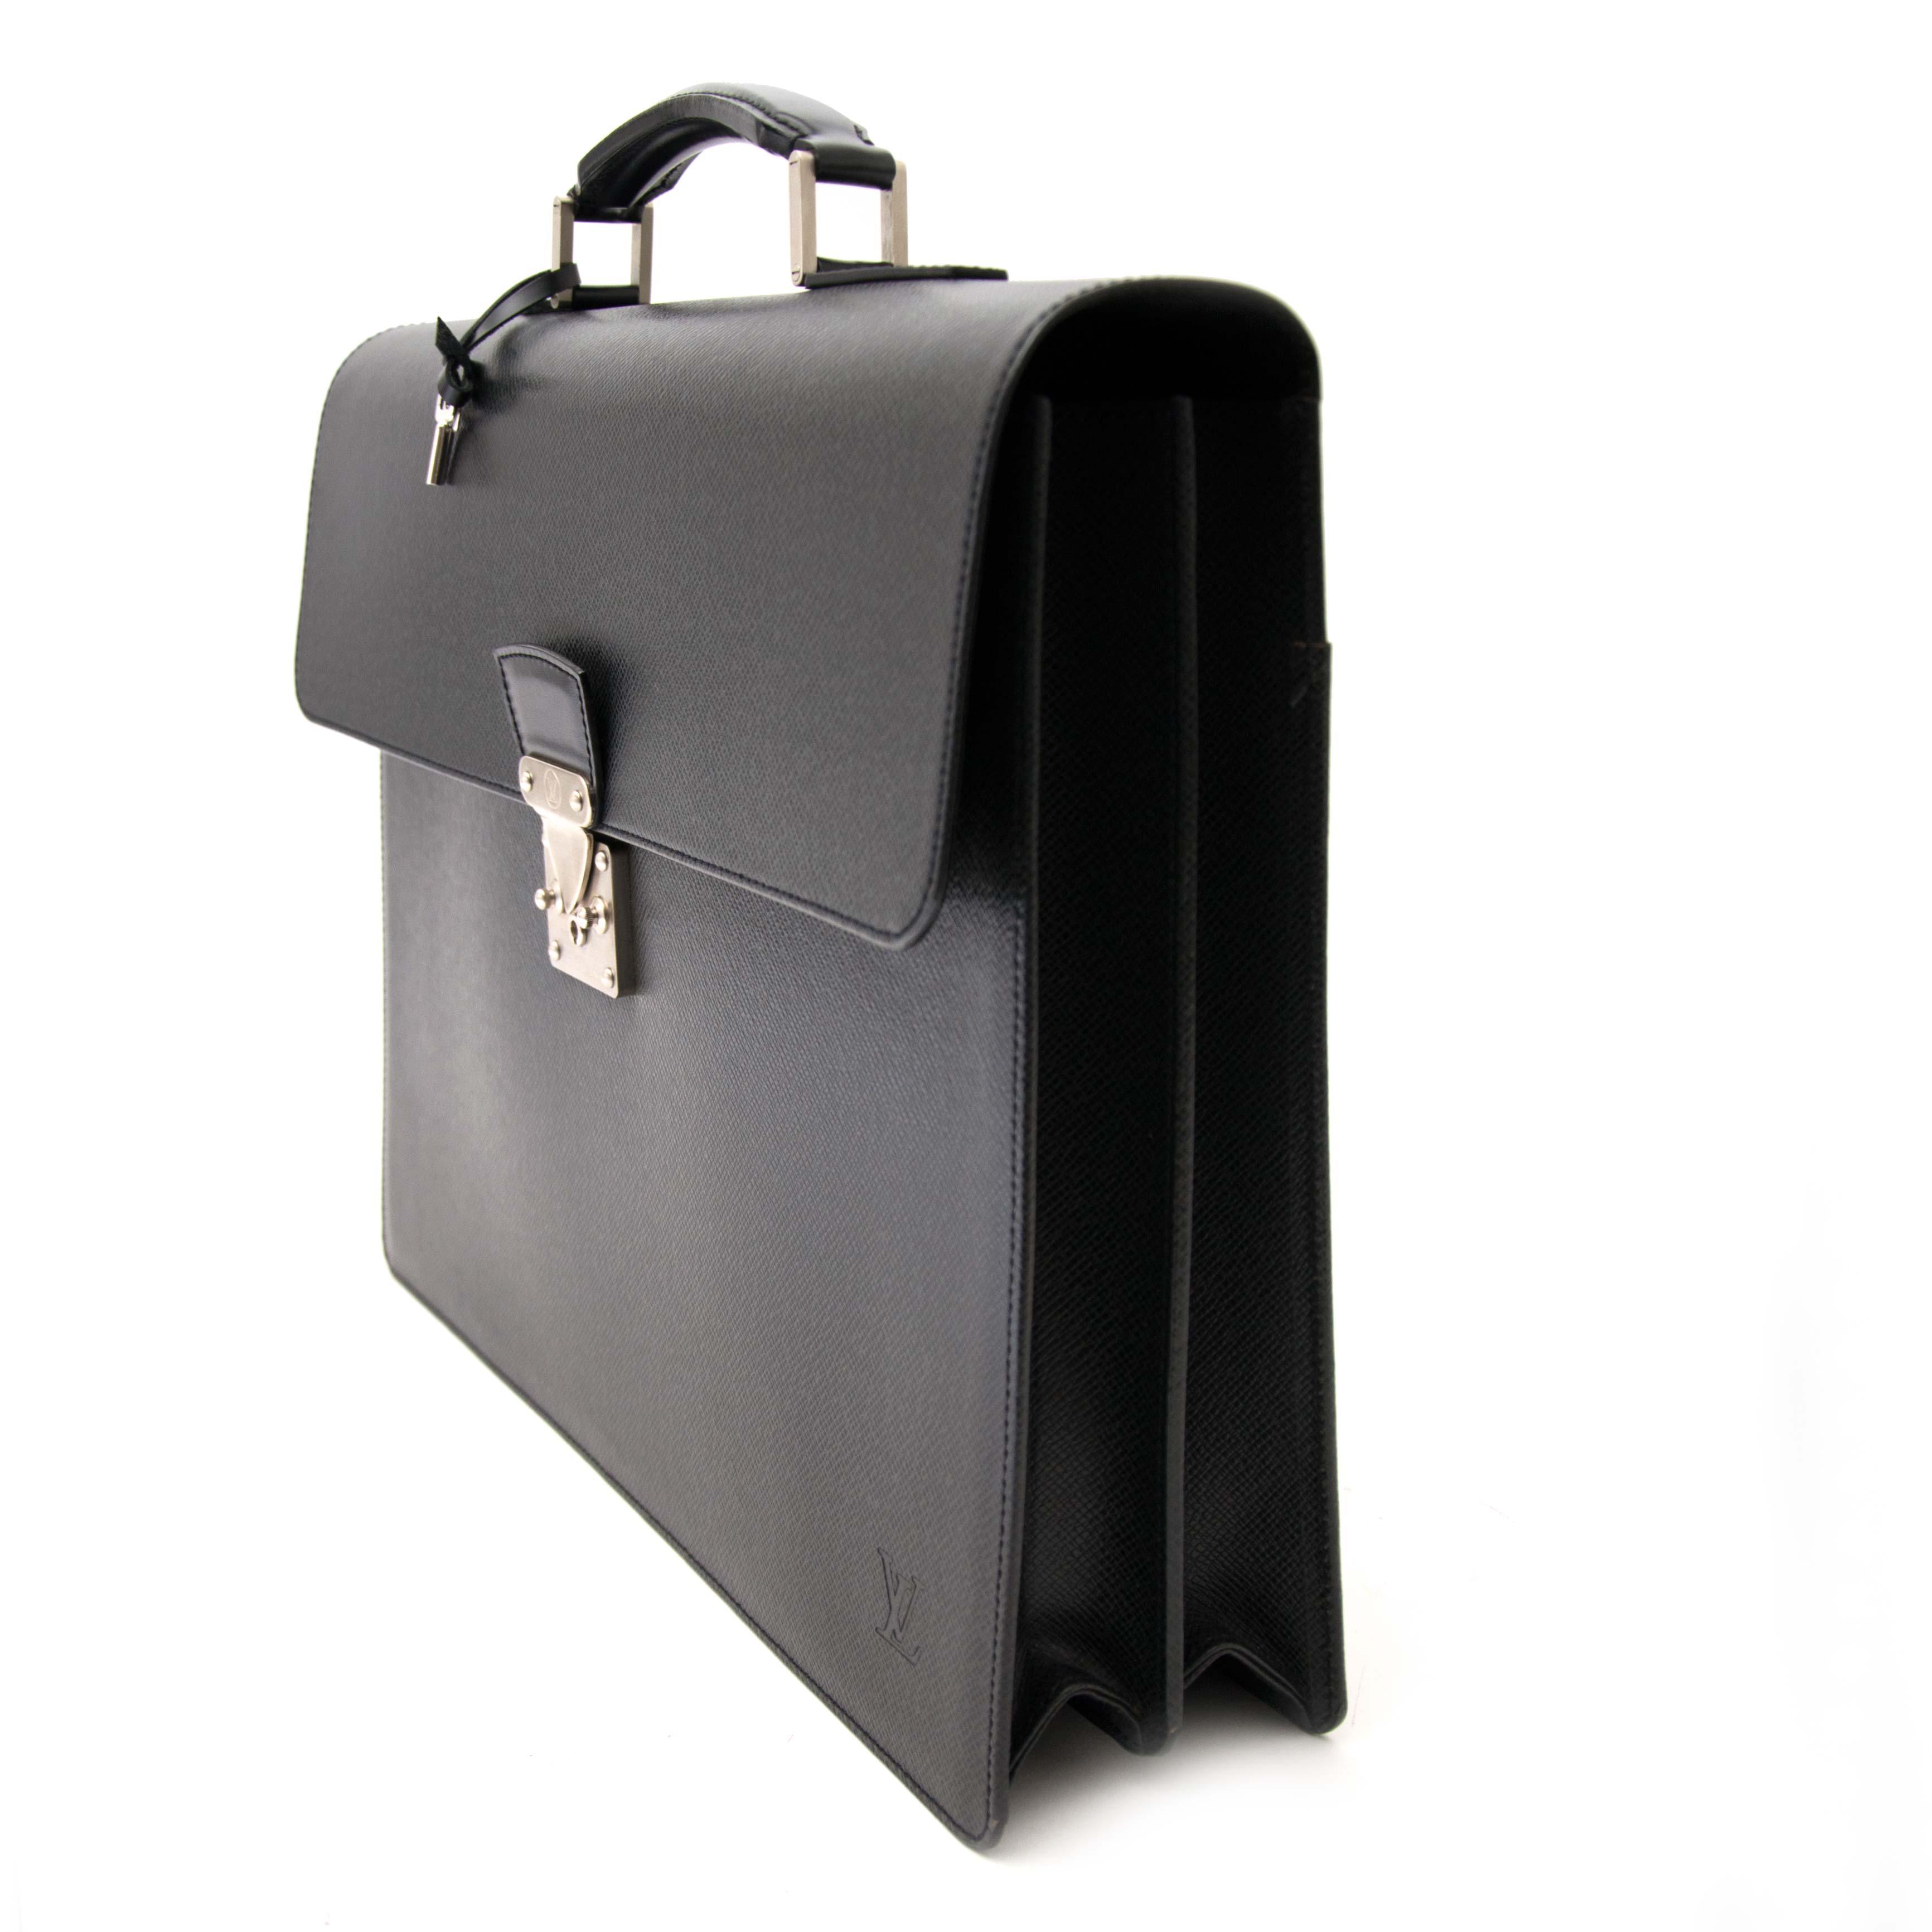 Koop en verkoop uw authentieke Louis Vuitton Briefcase Associé Taïga aan de beste prijs